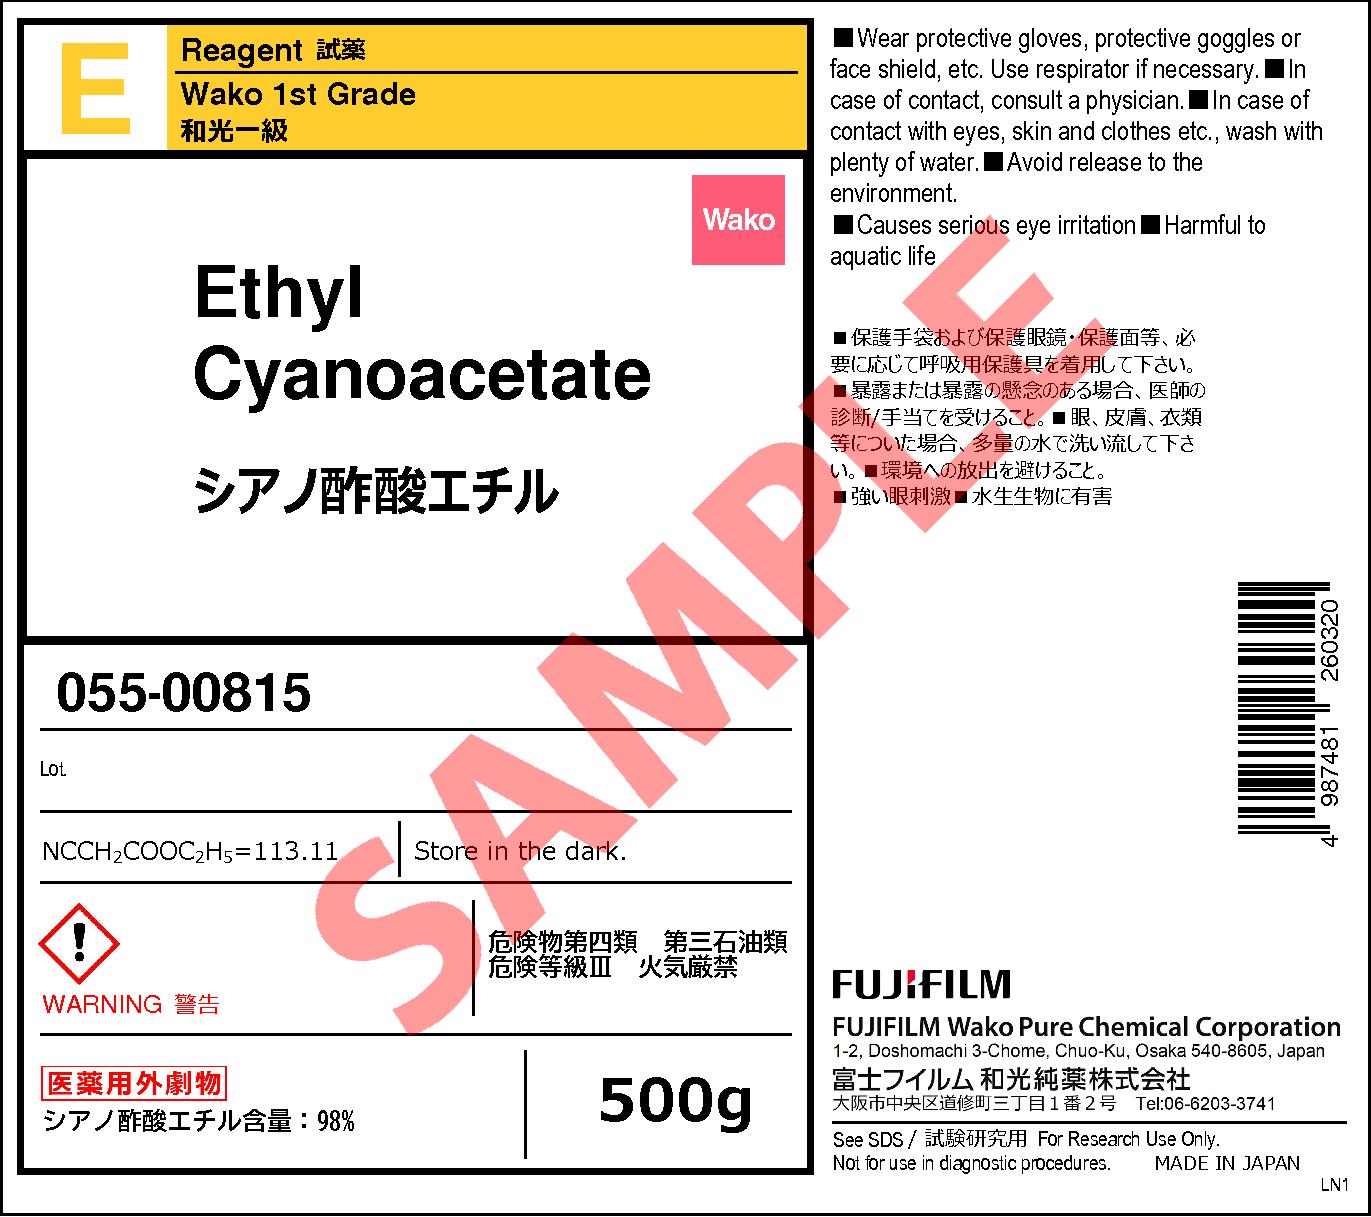 エチル sds 酢酸